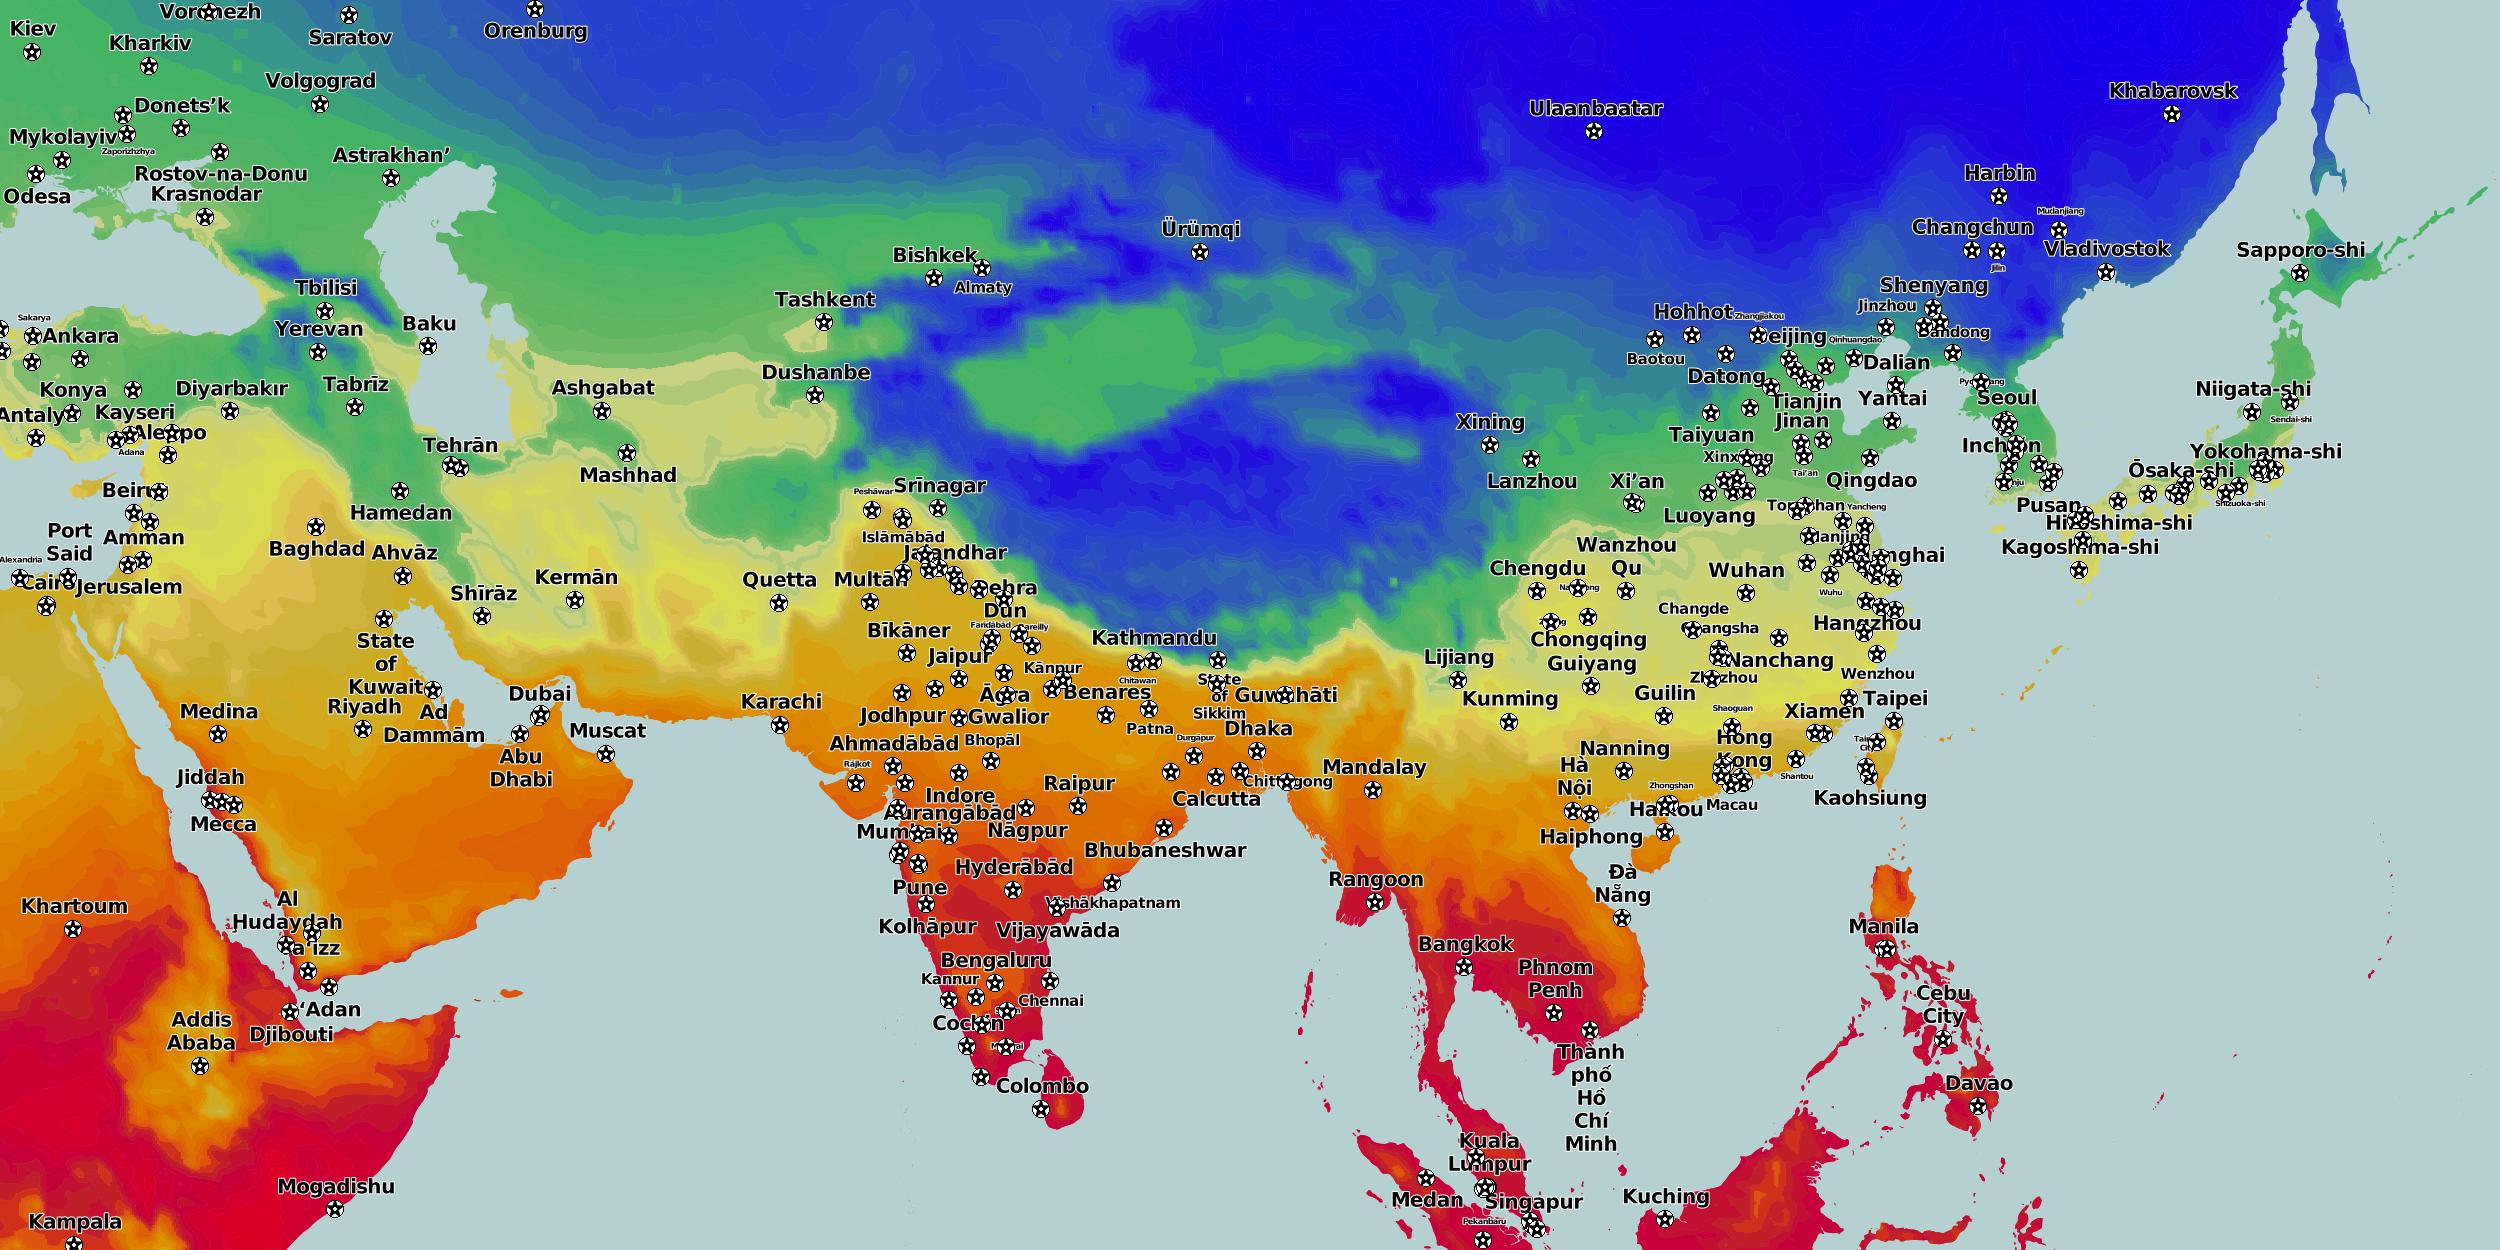 Karte Asien.Karten Und Stadtpläne Asien